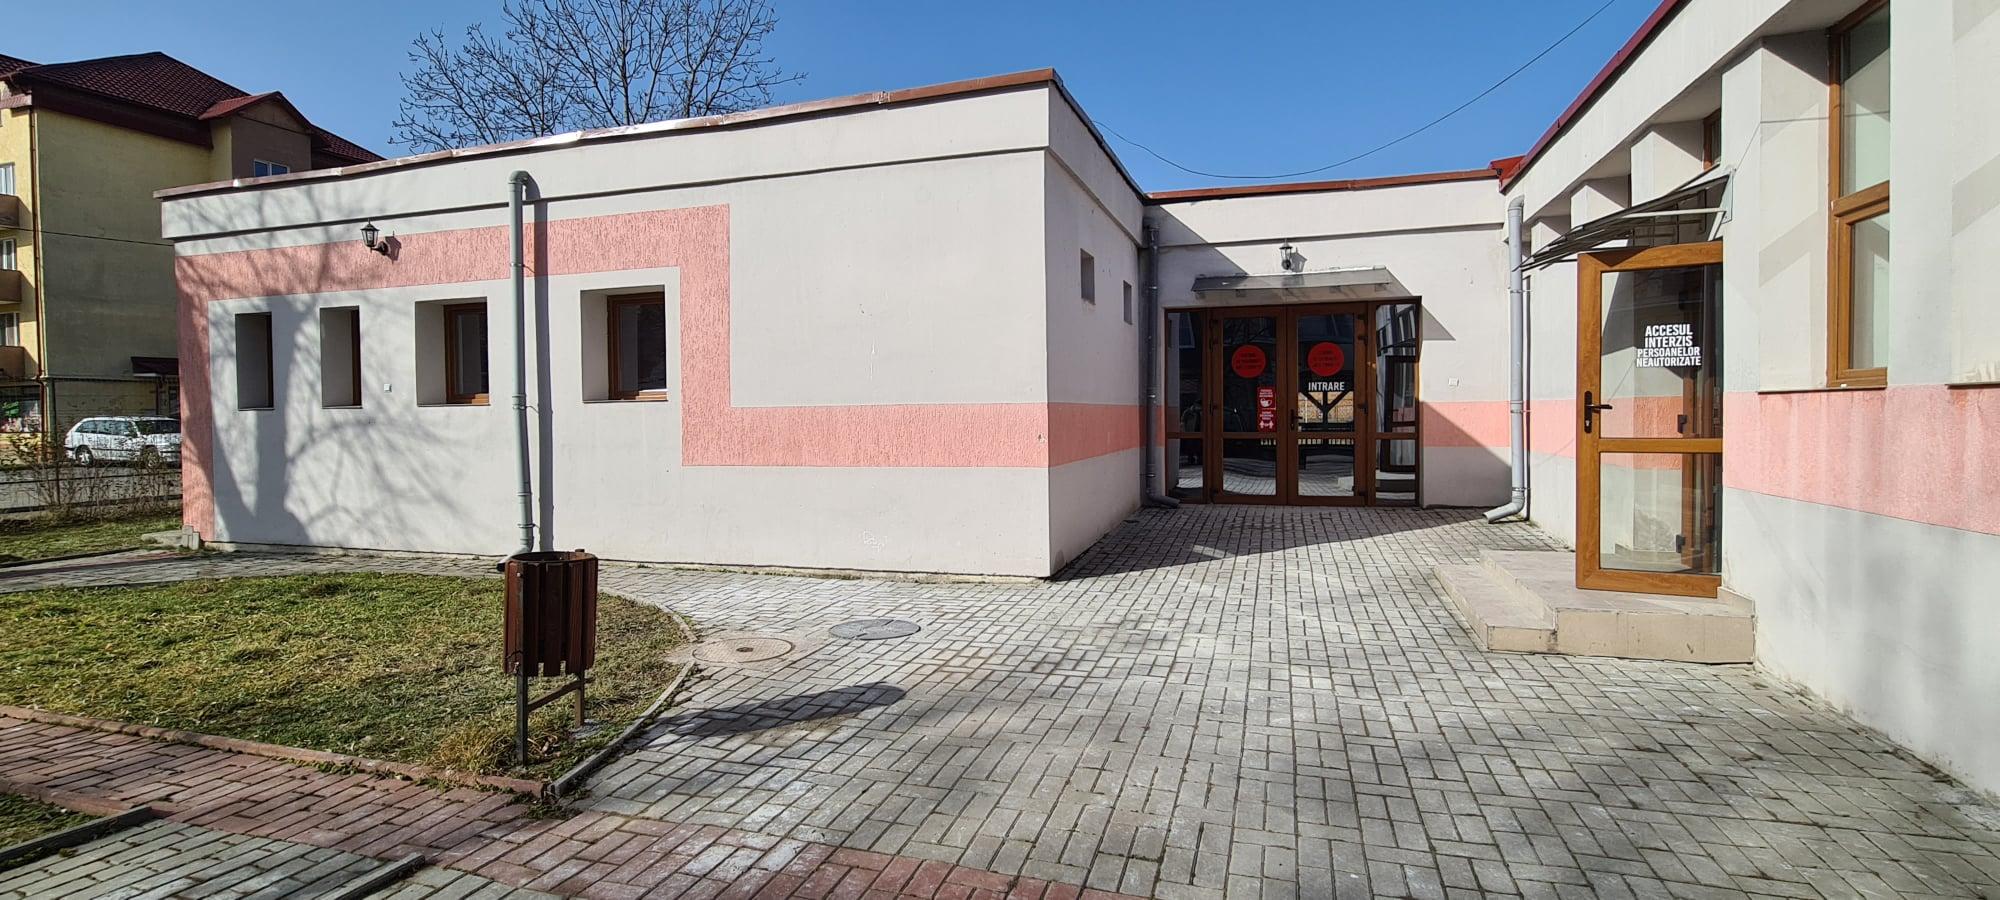 """Centrul de vaccinare anti-COVID de la Hunedoara se mută. De luni, va funcționa în clădirea """"Casei Pensionarilor"""", lângă pietonală"""